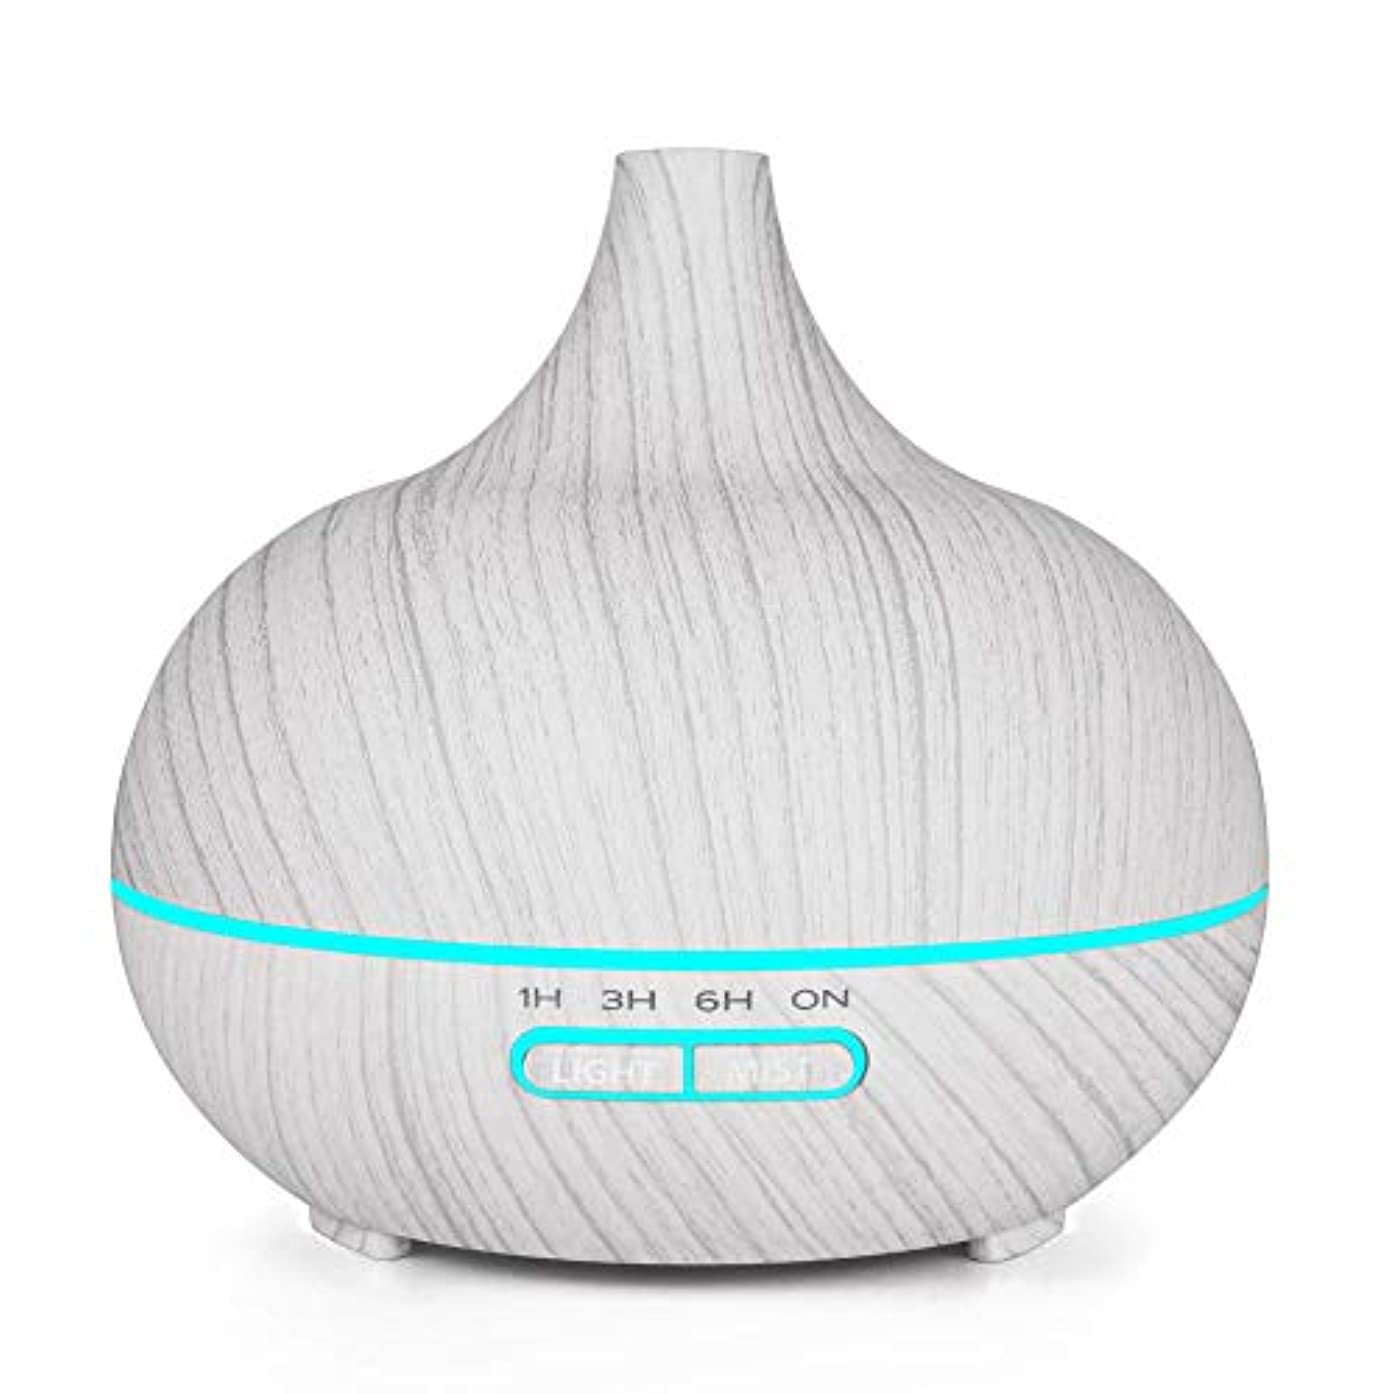 カメラアンプ生命体木目 涼しい霧 加湿器,7 色 空気を浄化 加湿機 時間 手動 香り 精油 ディフューザー アロマネブライザー Yoga ベッド- 400ml